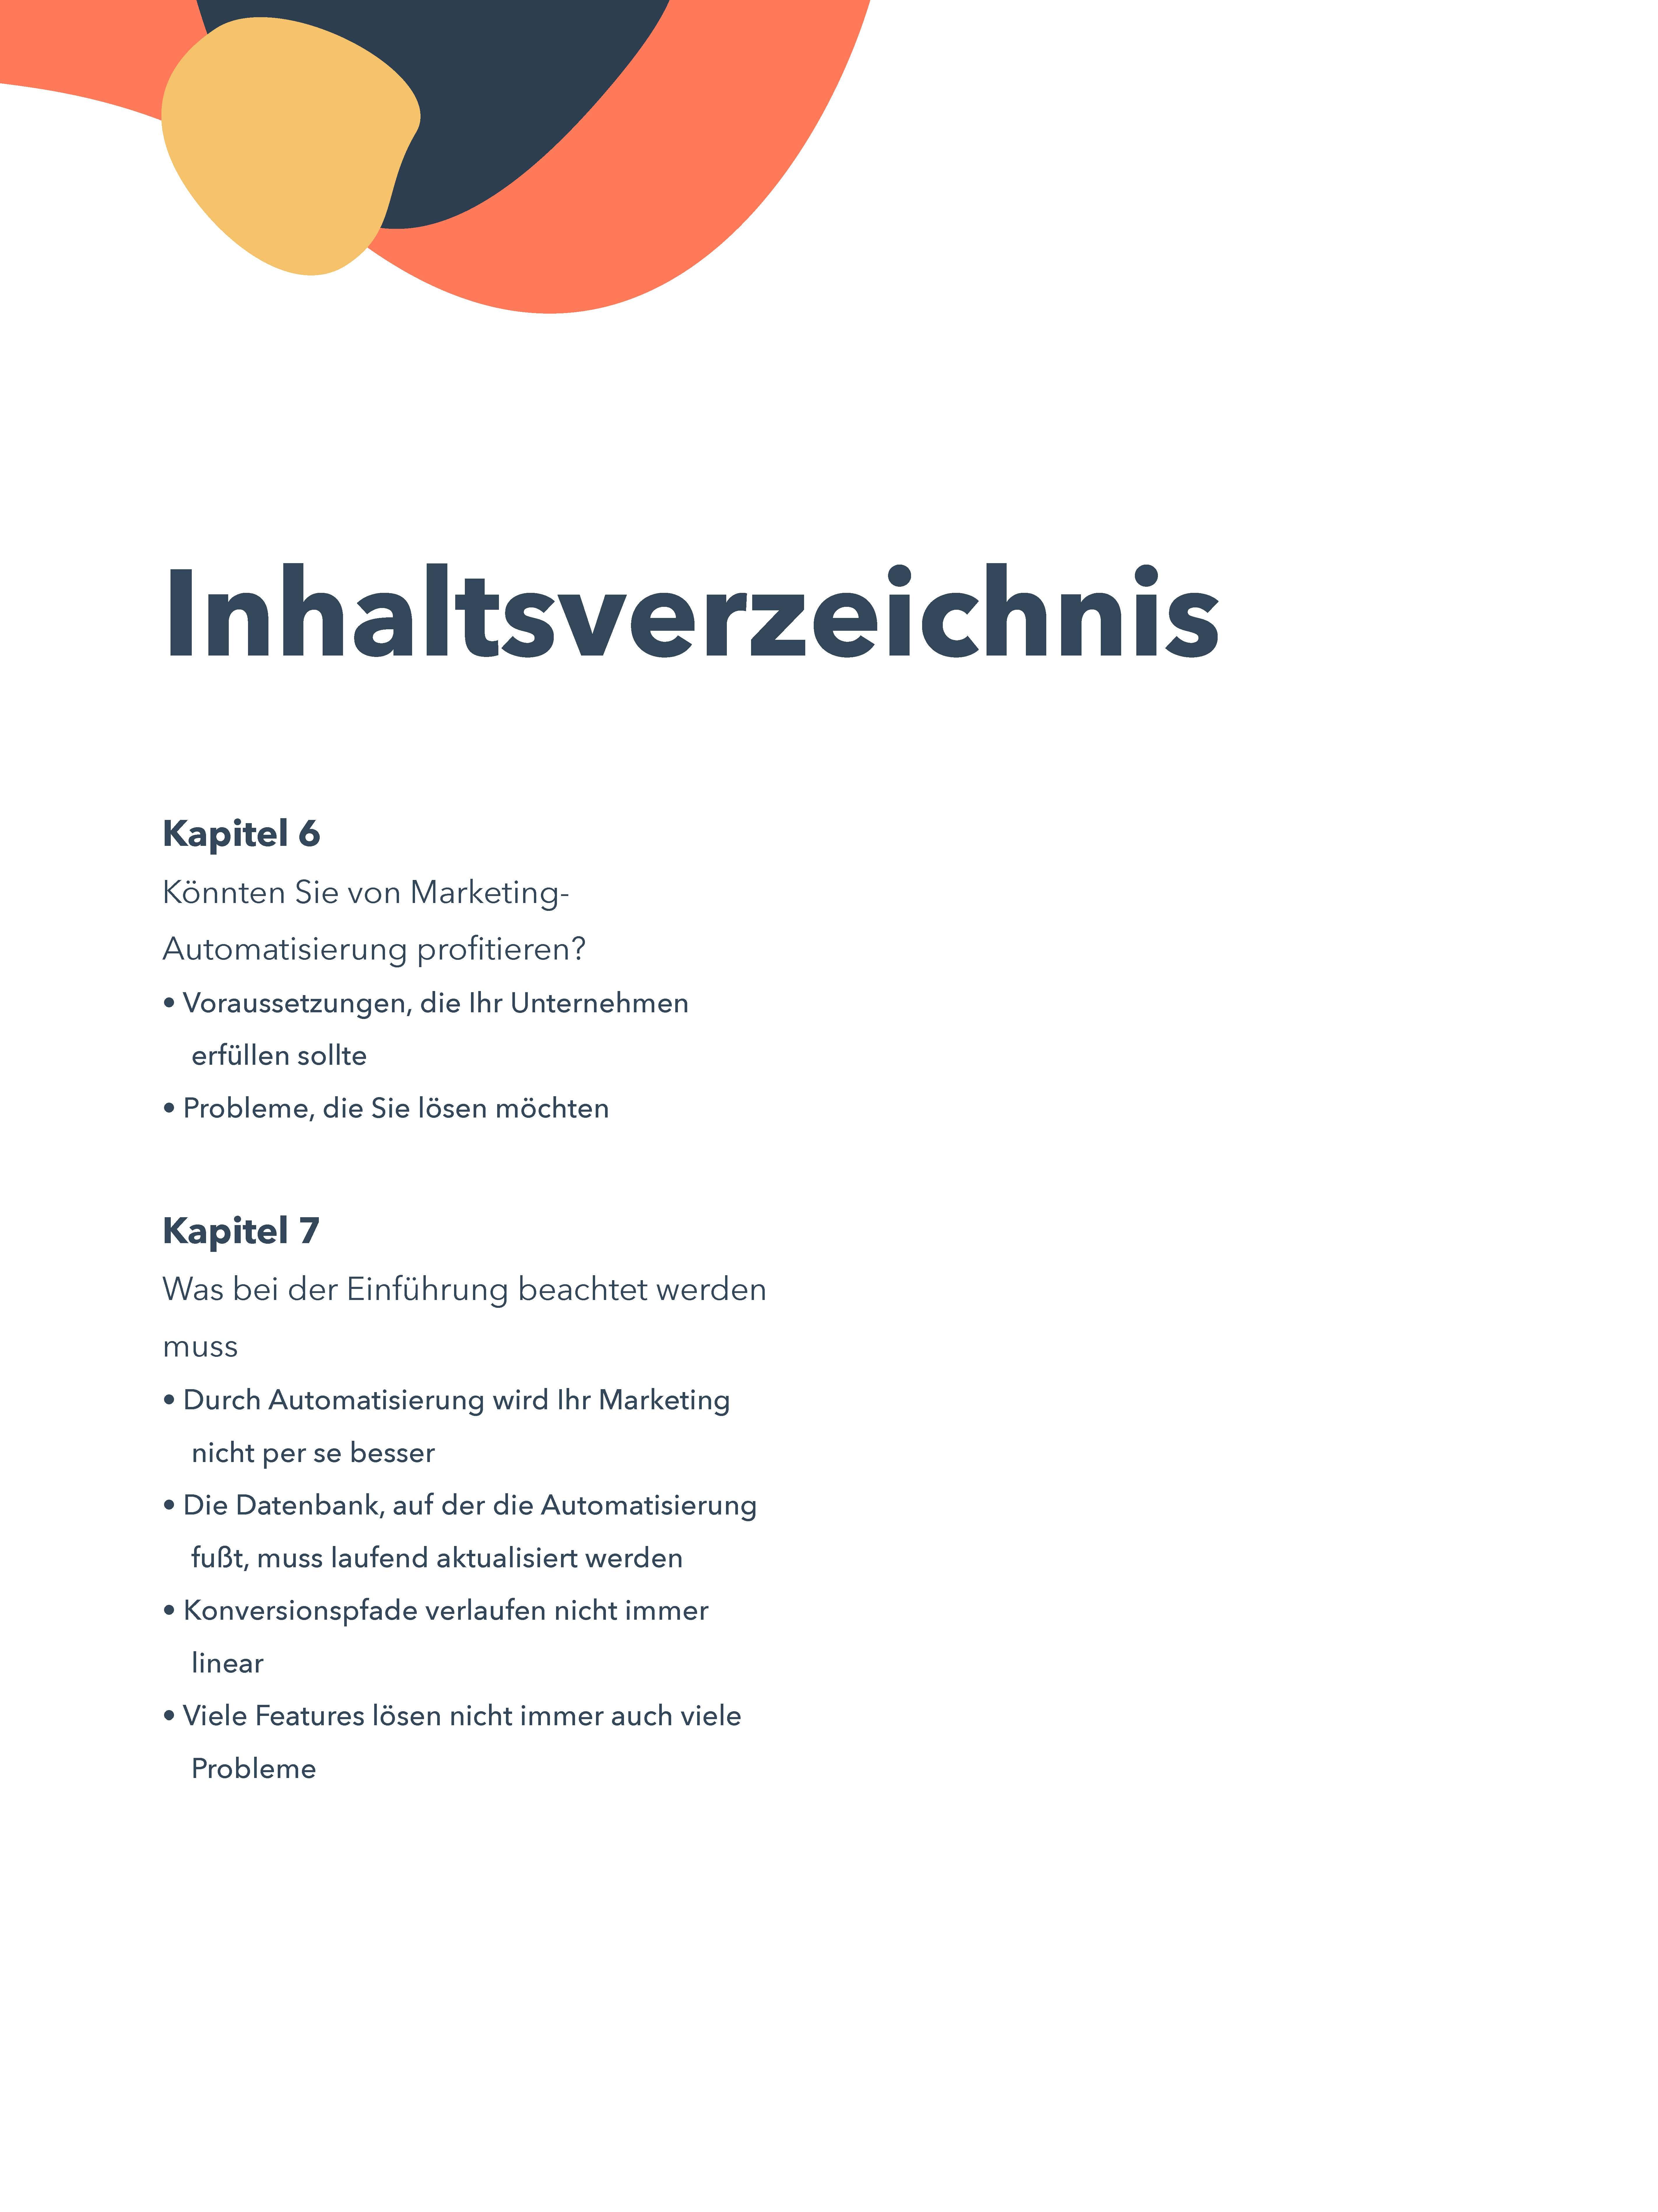 E-Book Inhaltsverzeichnis 2